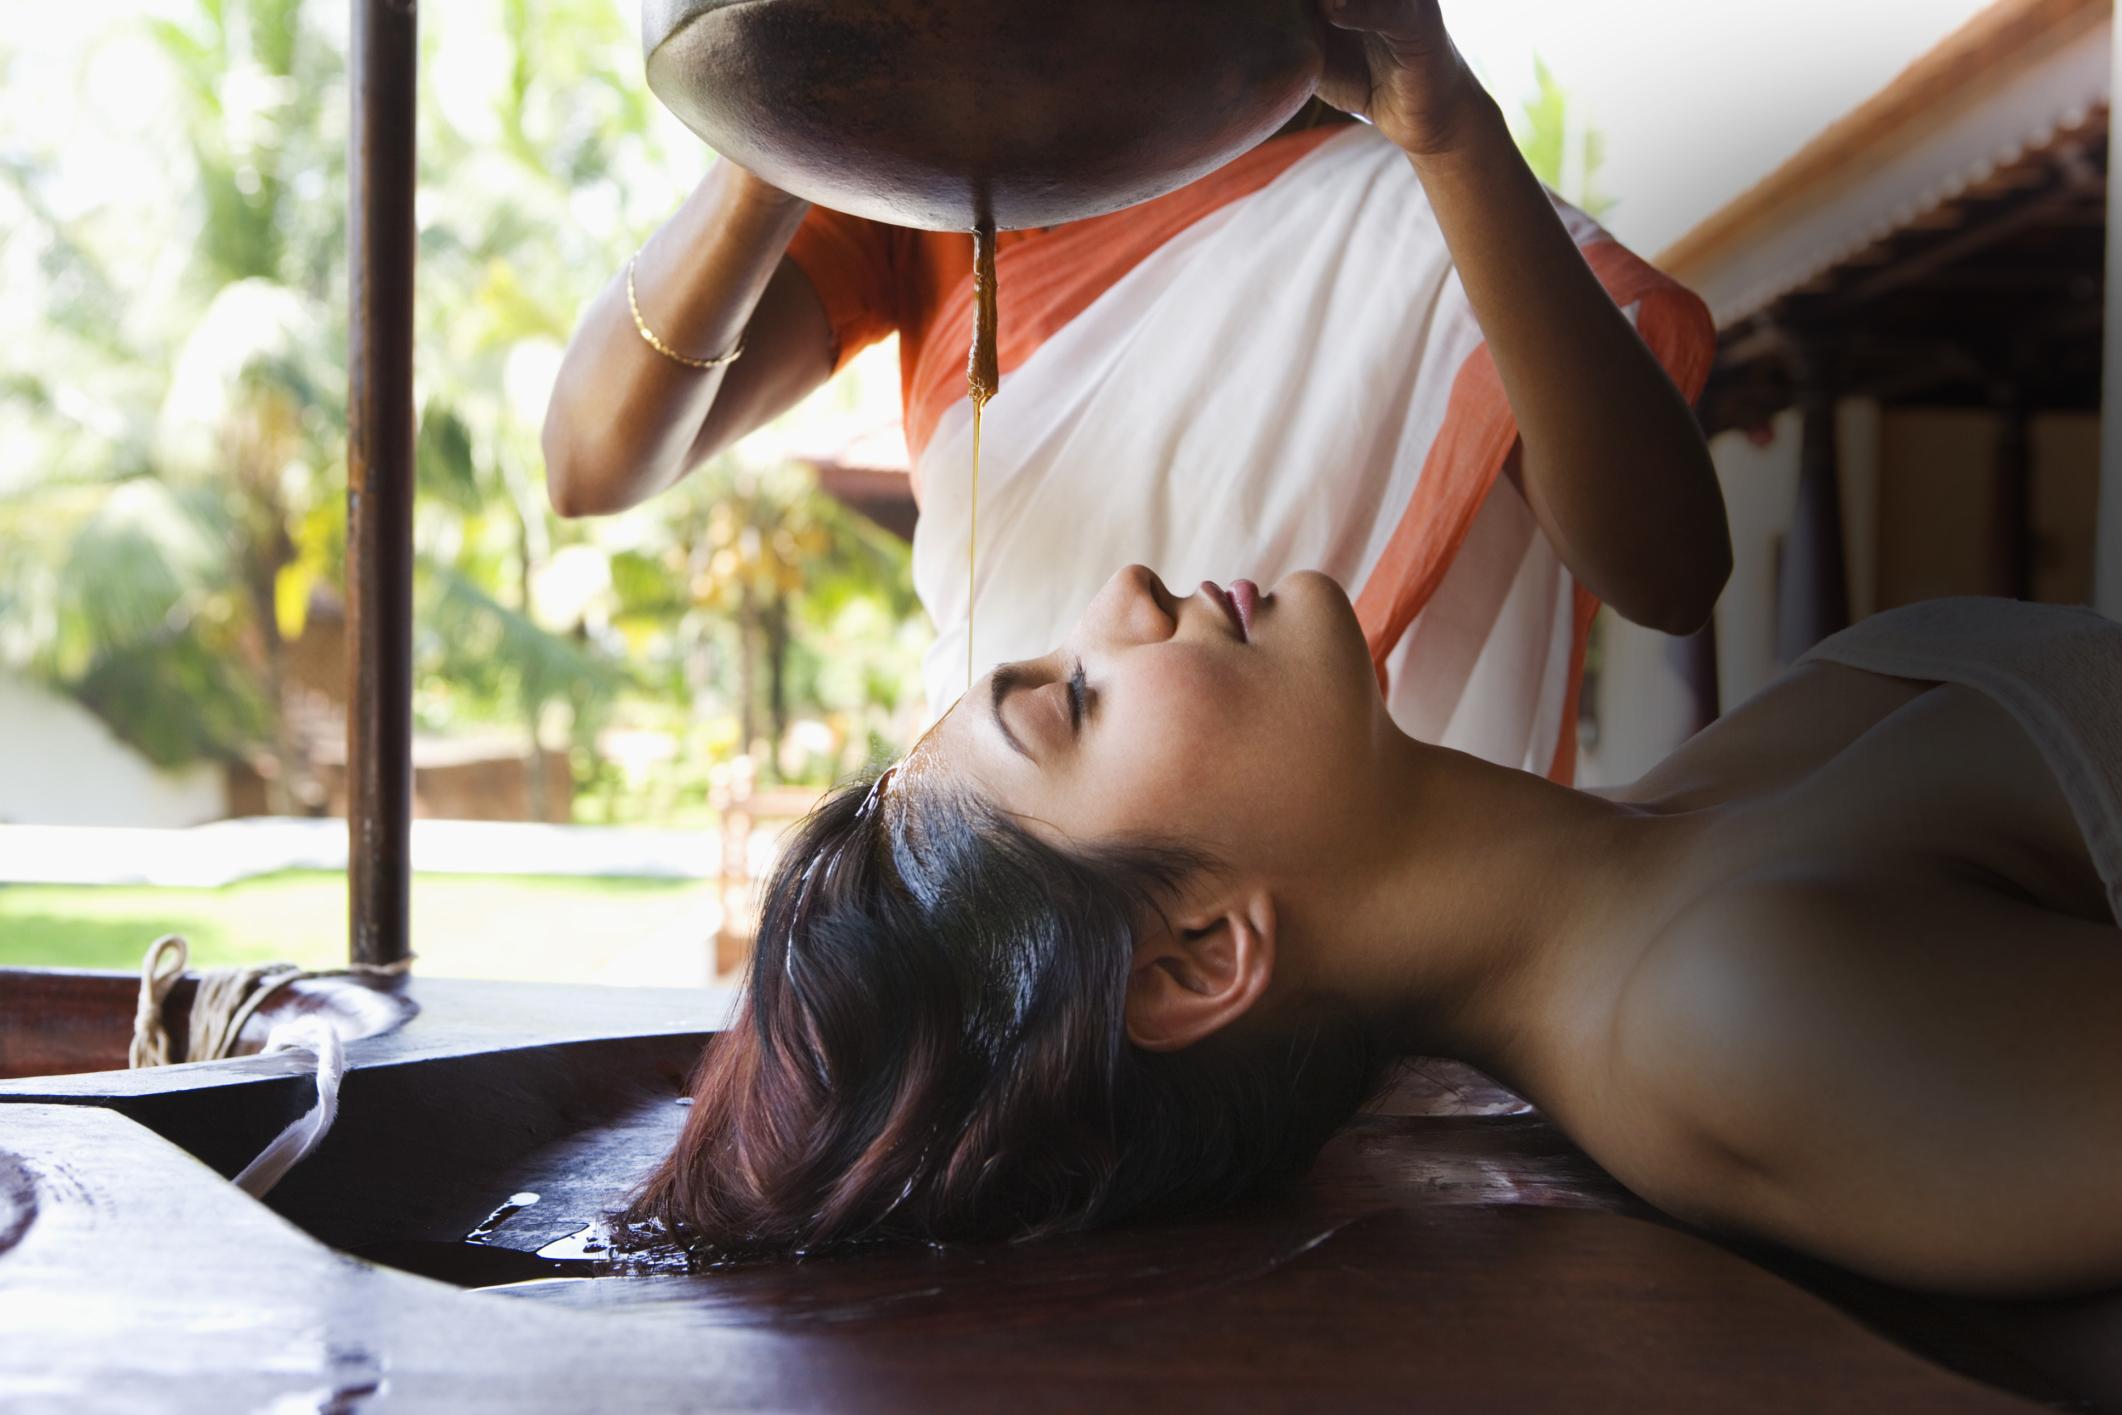 Panchakarma and Yoga Therapy